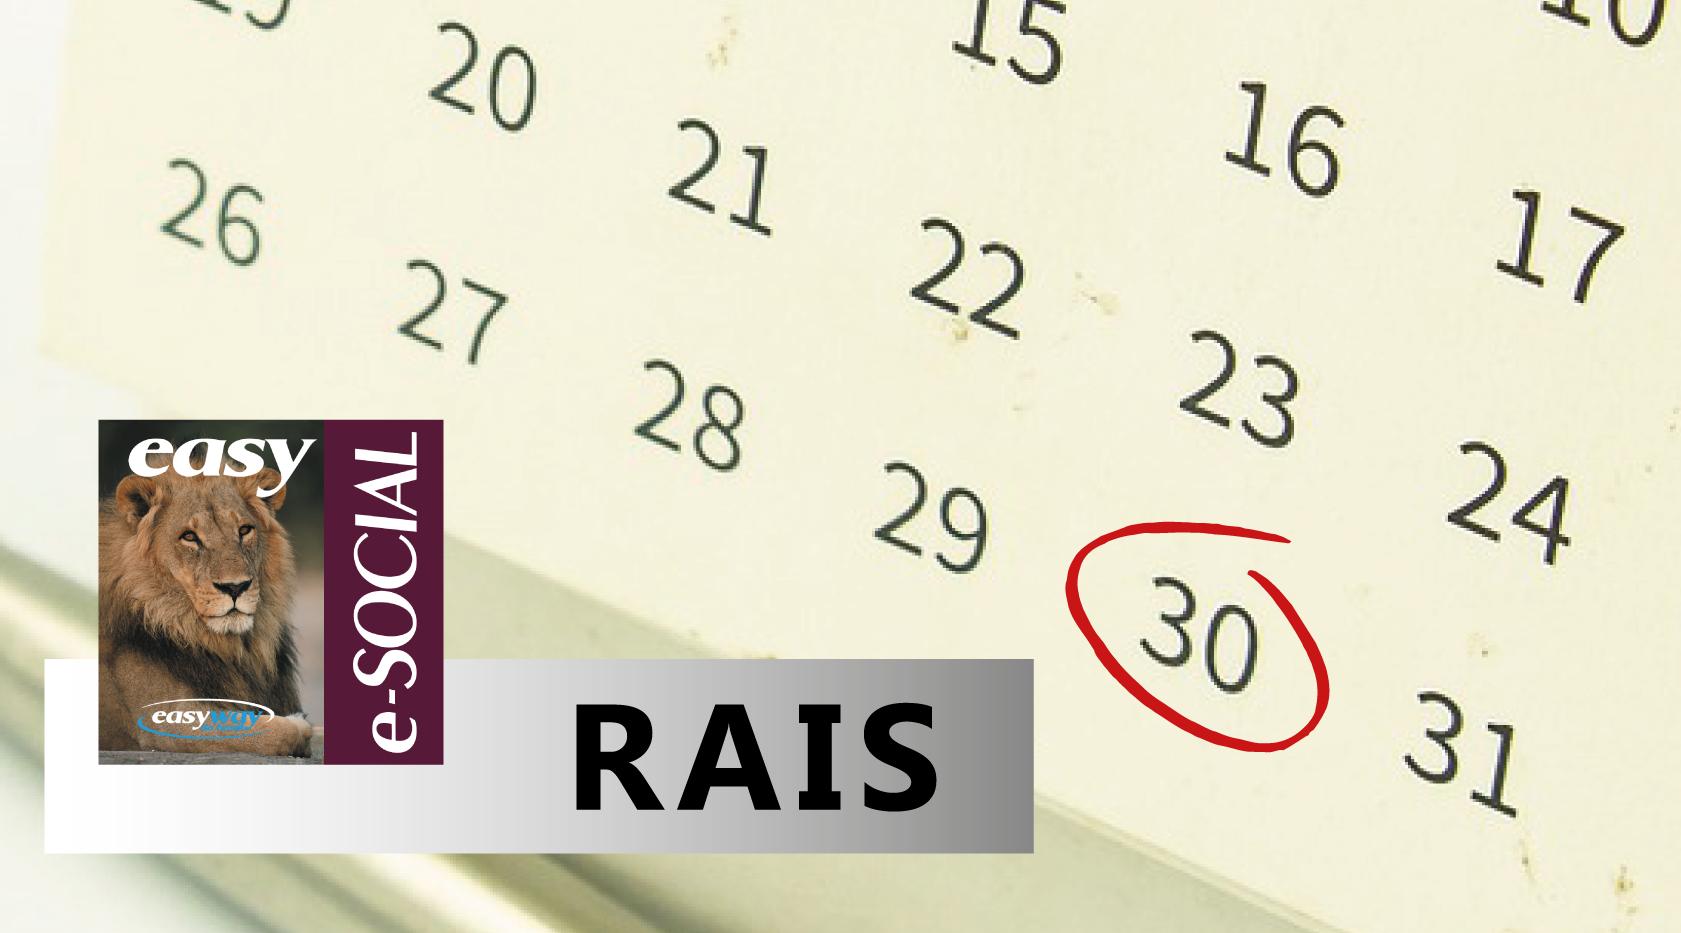 Correções na RAIS podem ser realizadas até 30 de setembro